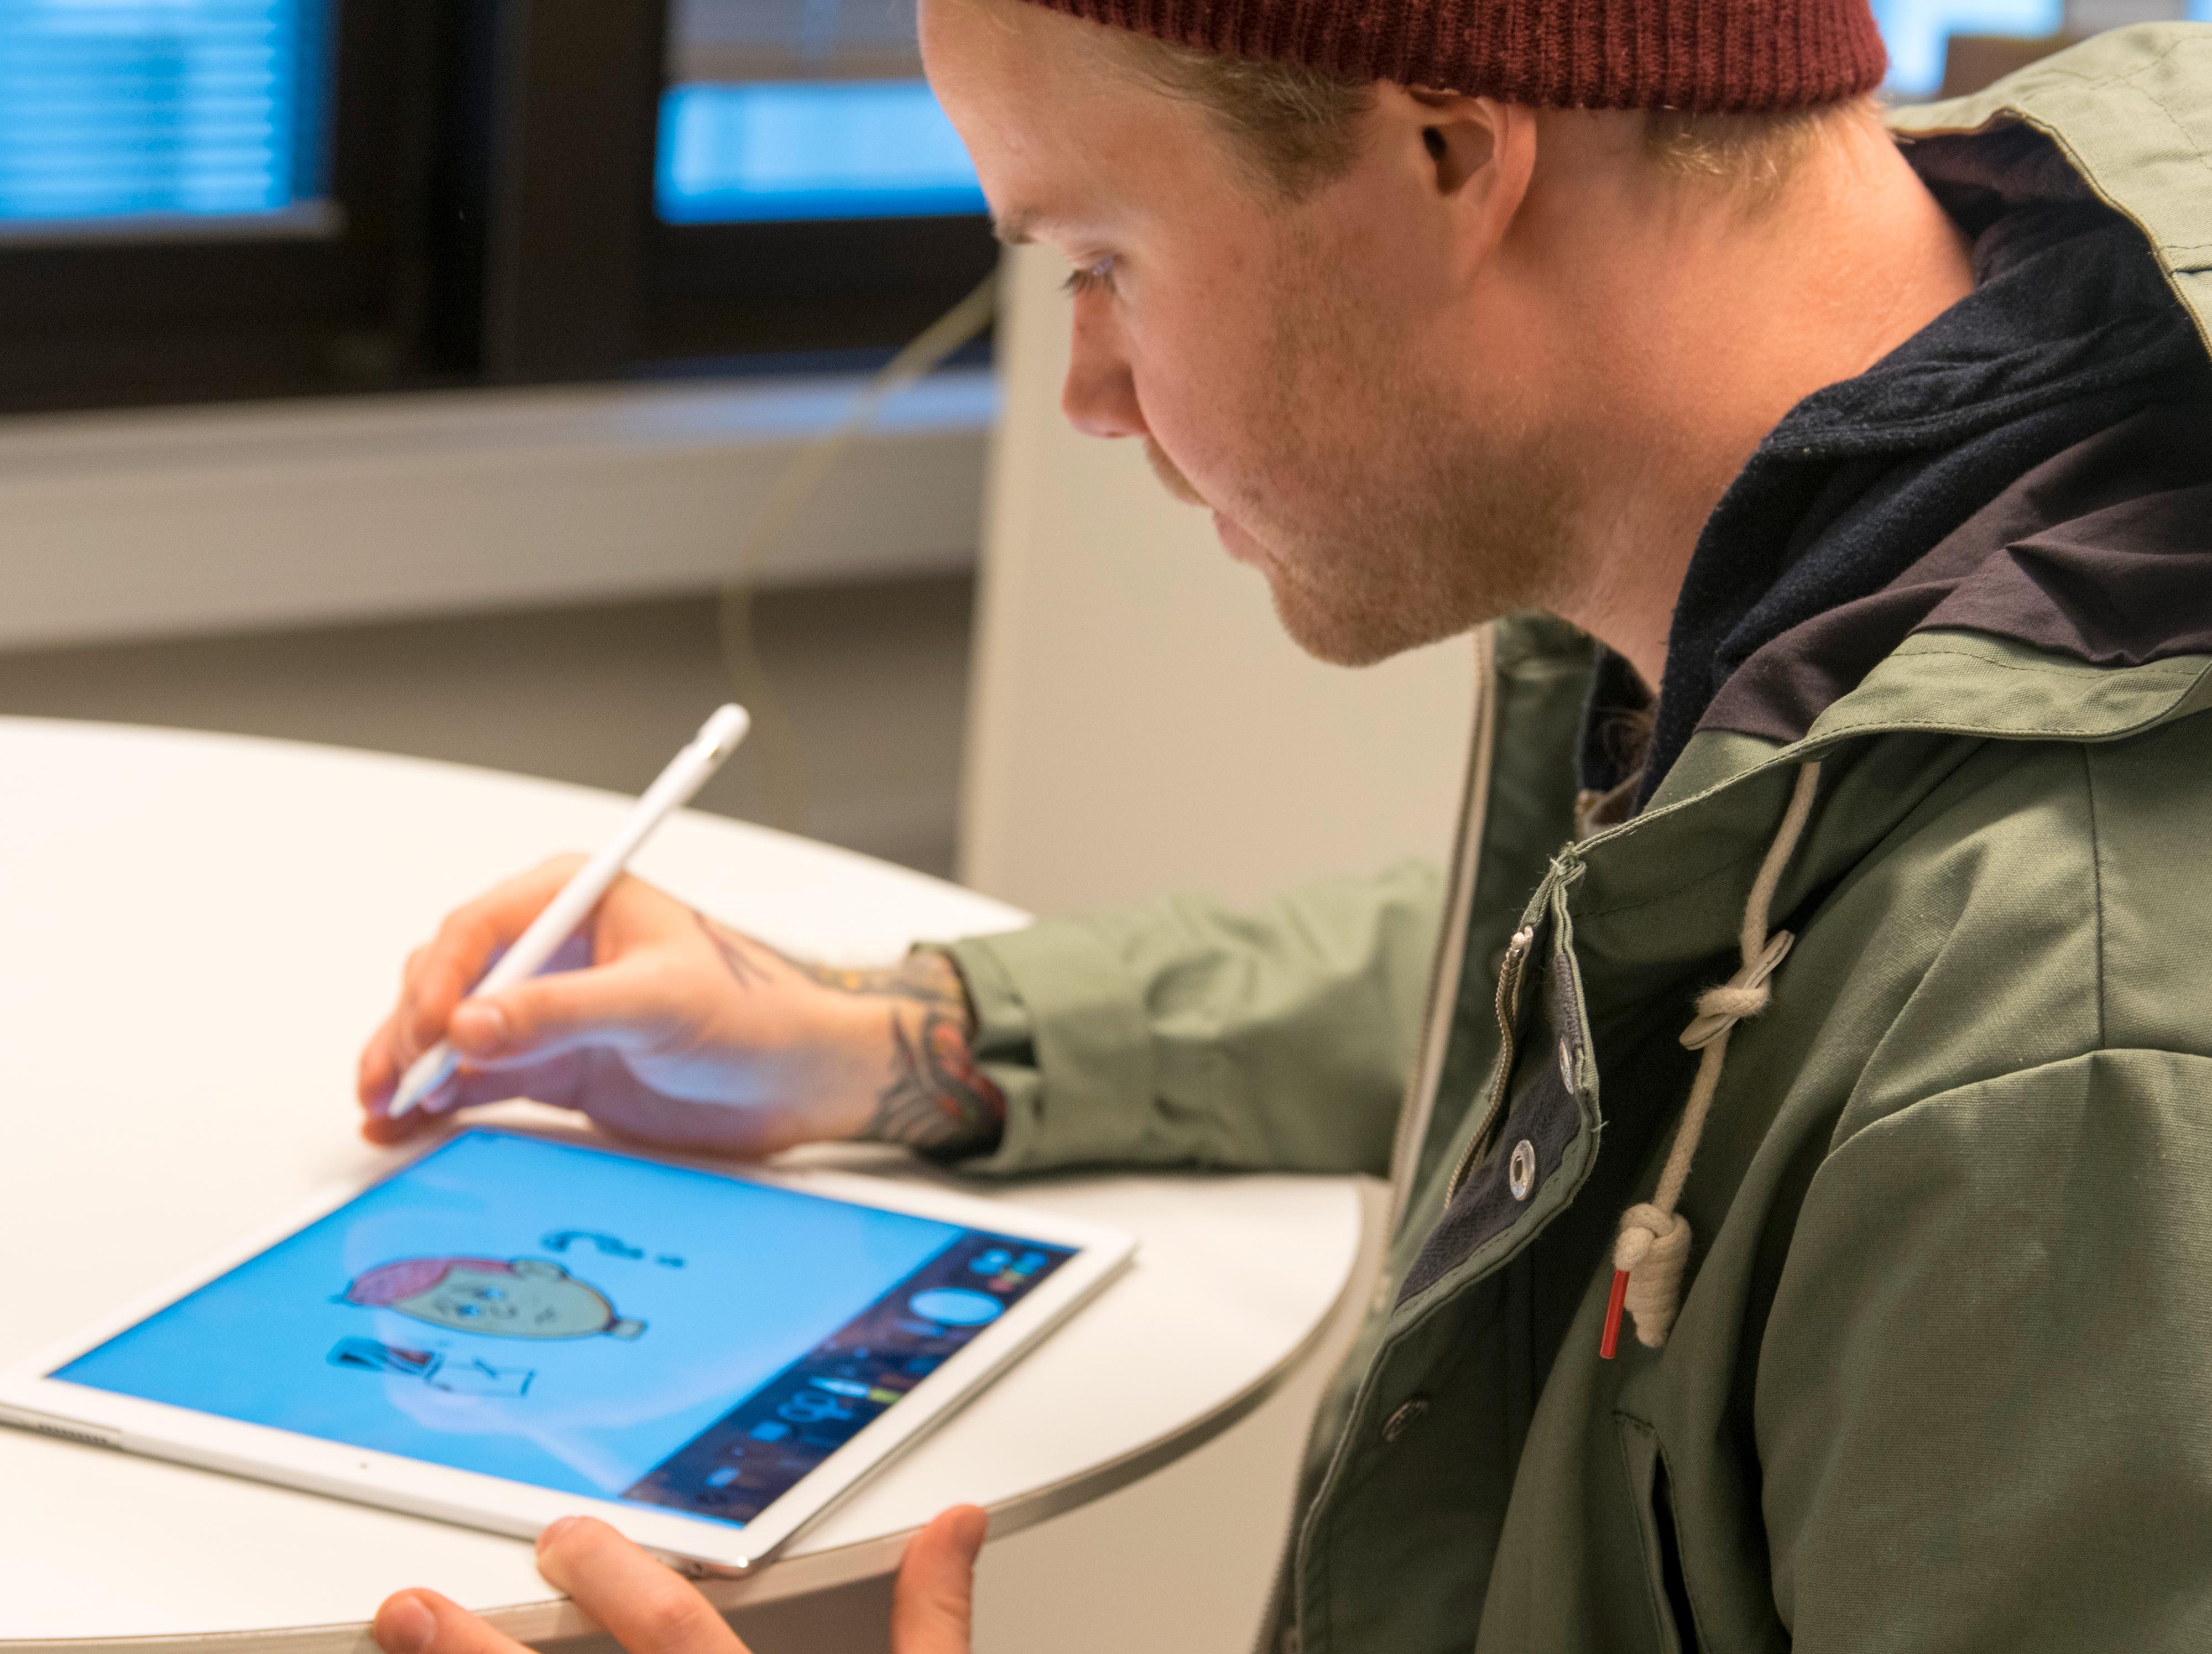 Vår tegner, Simen Røyseland,likte Pencil, men beskrev den mer som et leketøy enn som et verktøy. Foto: Finn Jarle Kvalheim, Tek.no